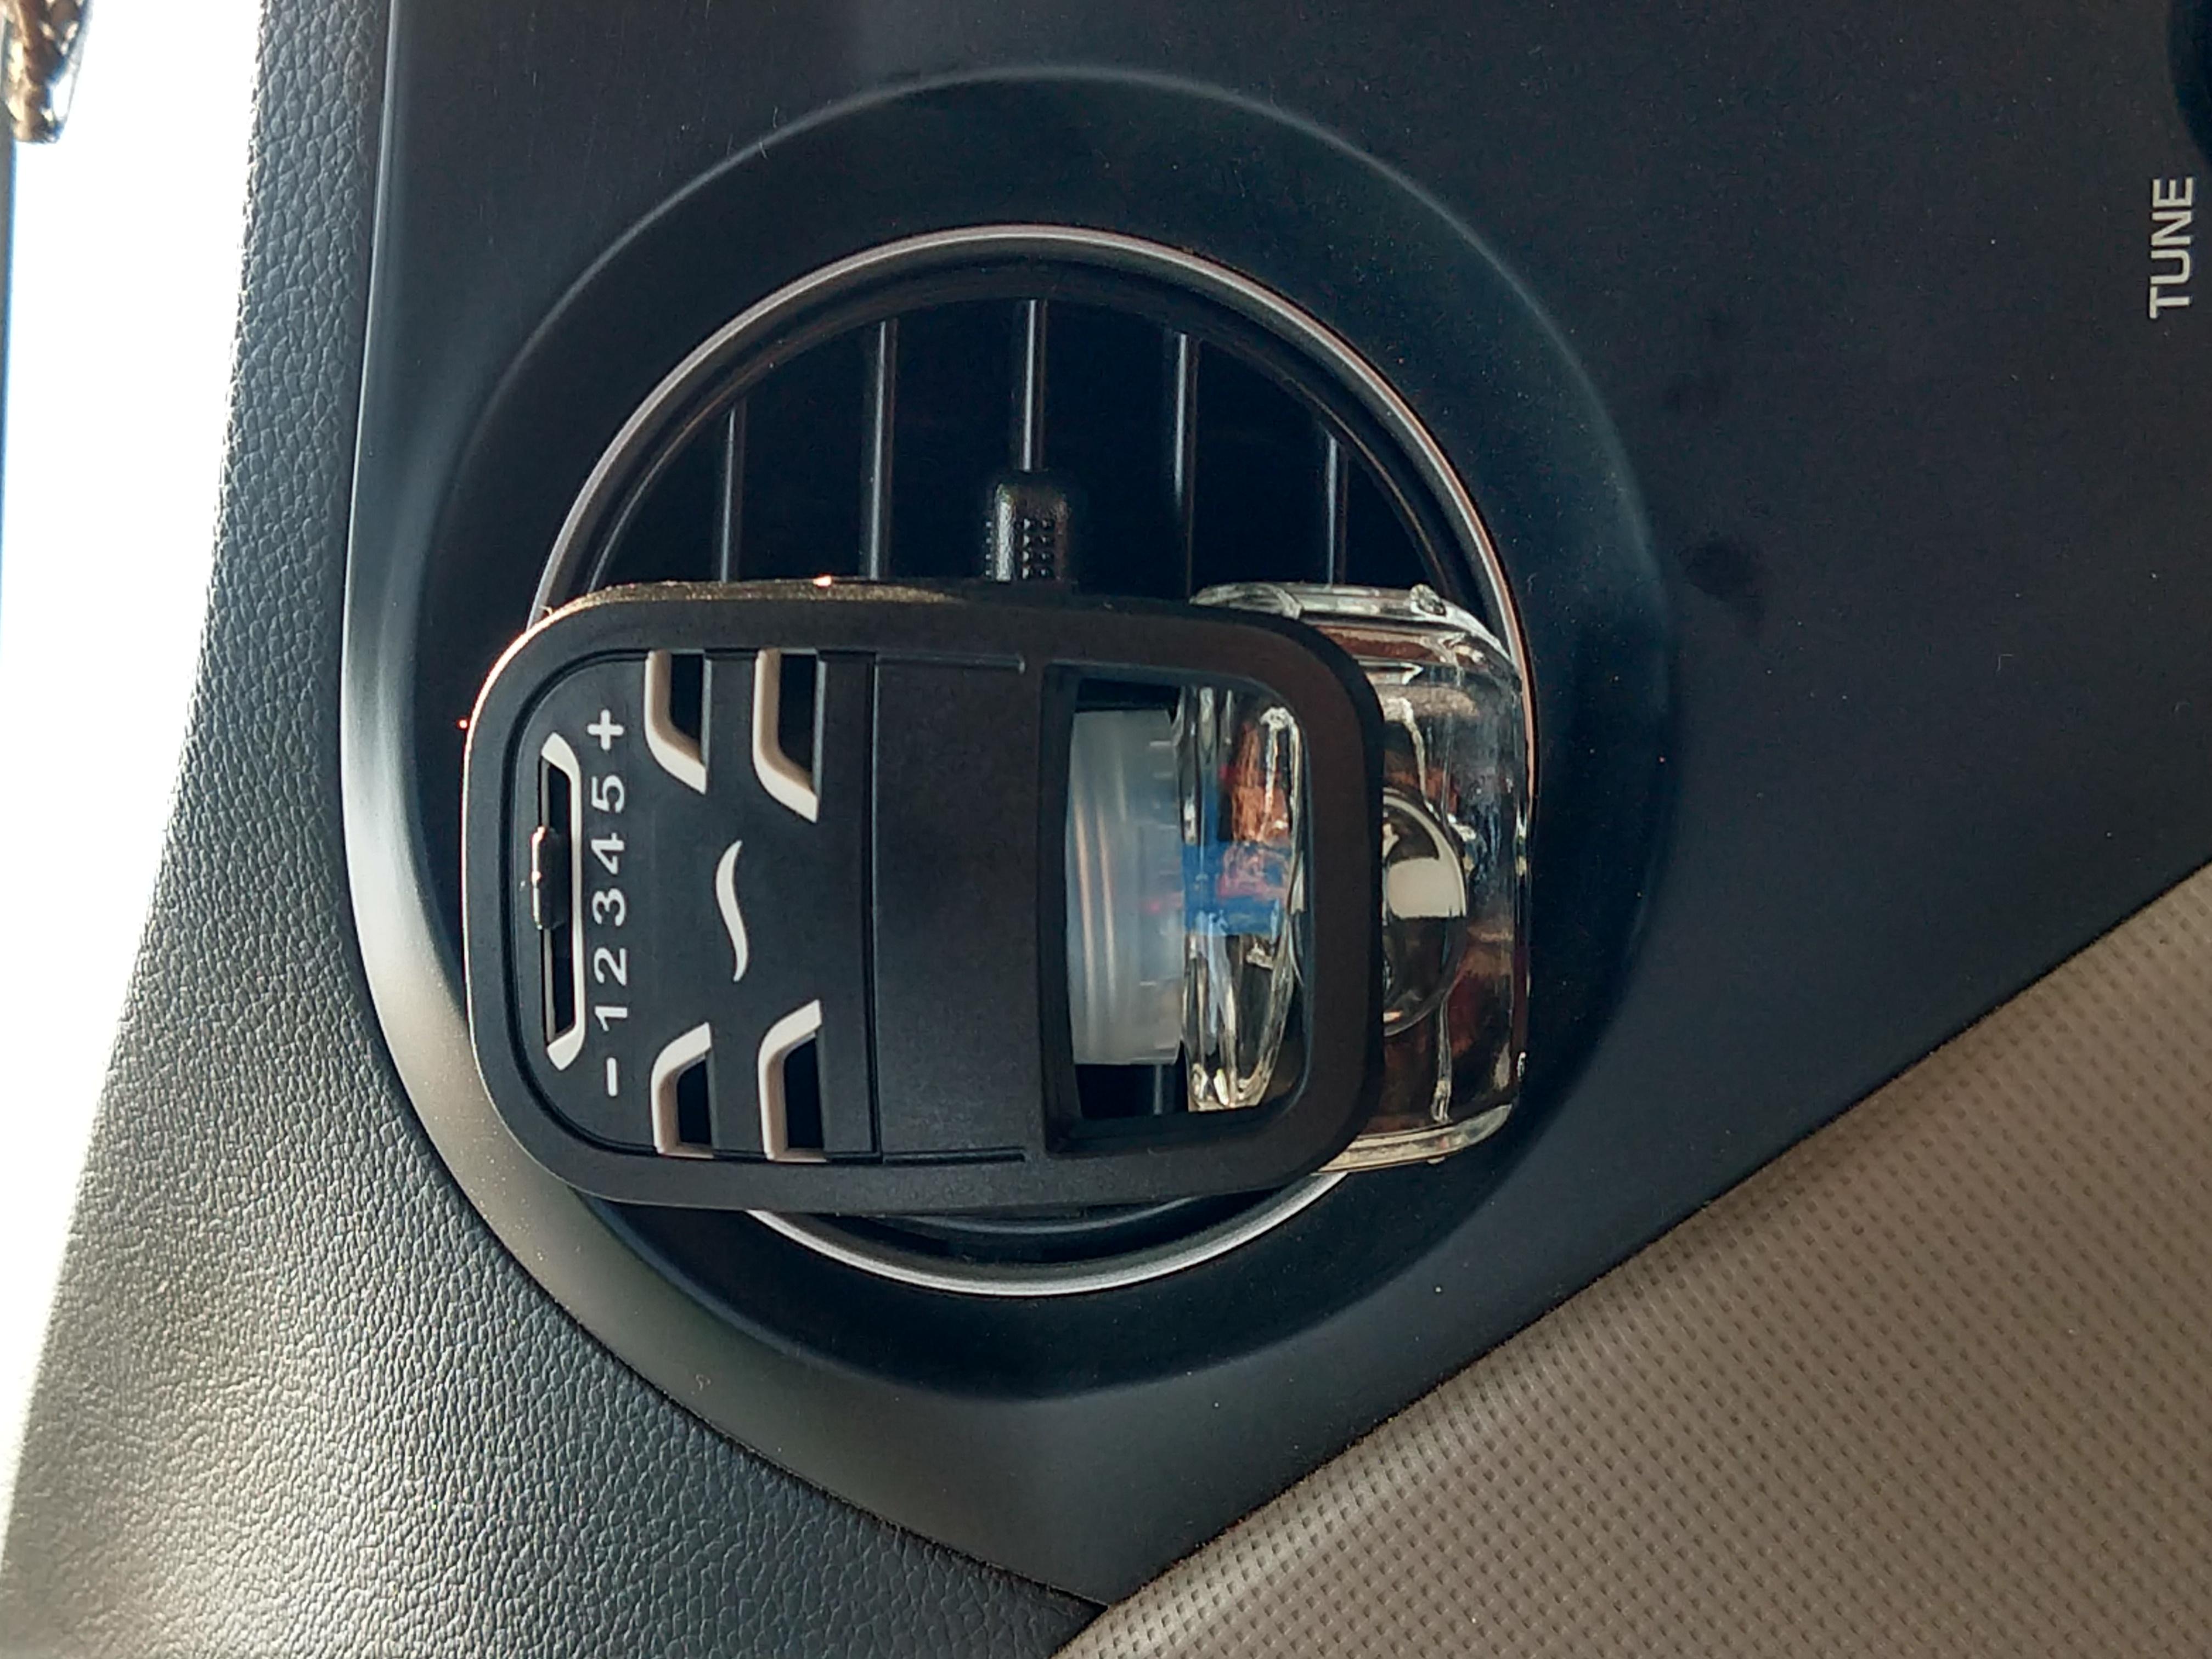 Ambipur Car Air Freshener Lavender Spa-Ambipur car freshner-By pritisha